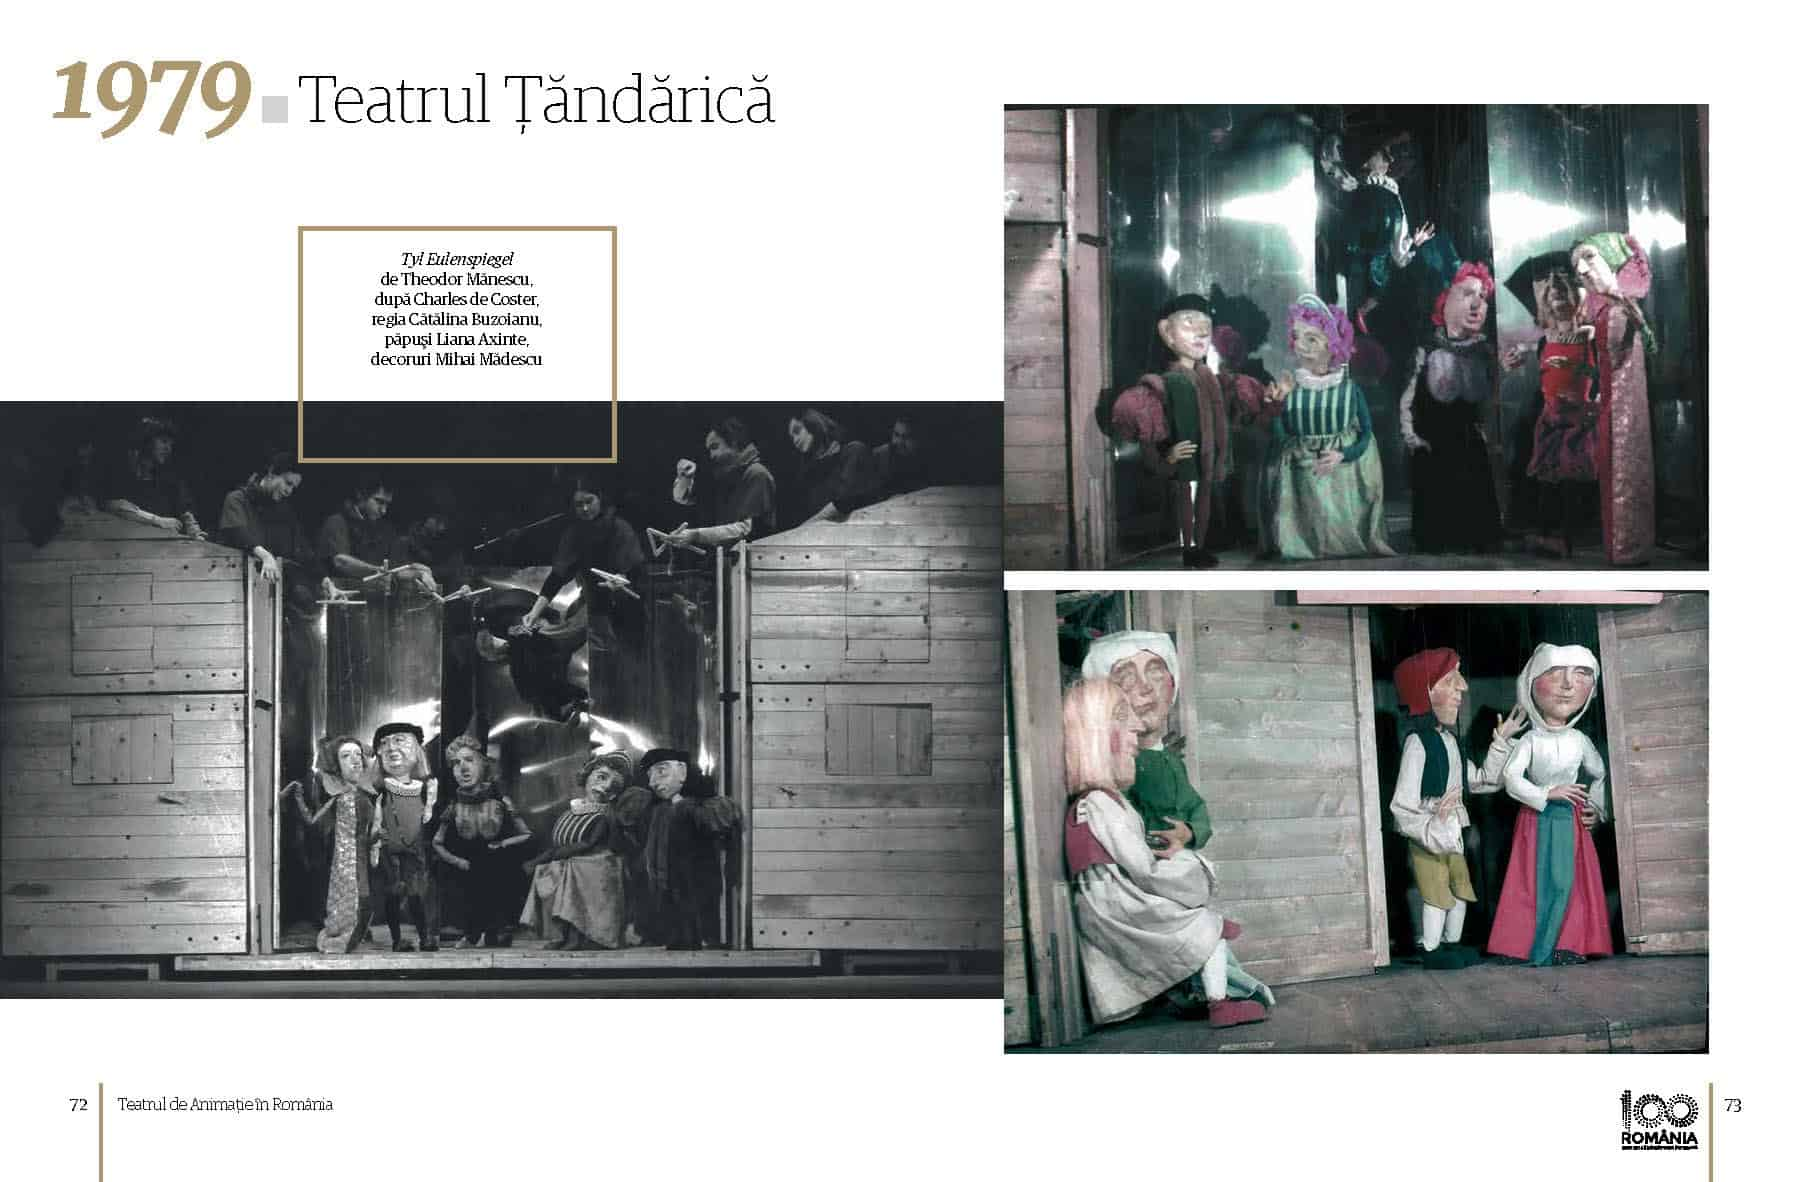 Album Teatrul de Animatie in Romania final preview fata in fata Page 37